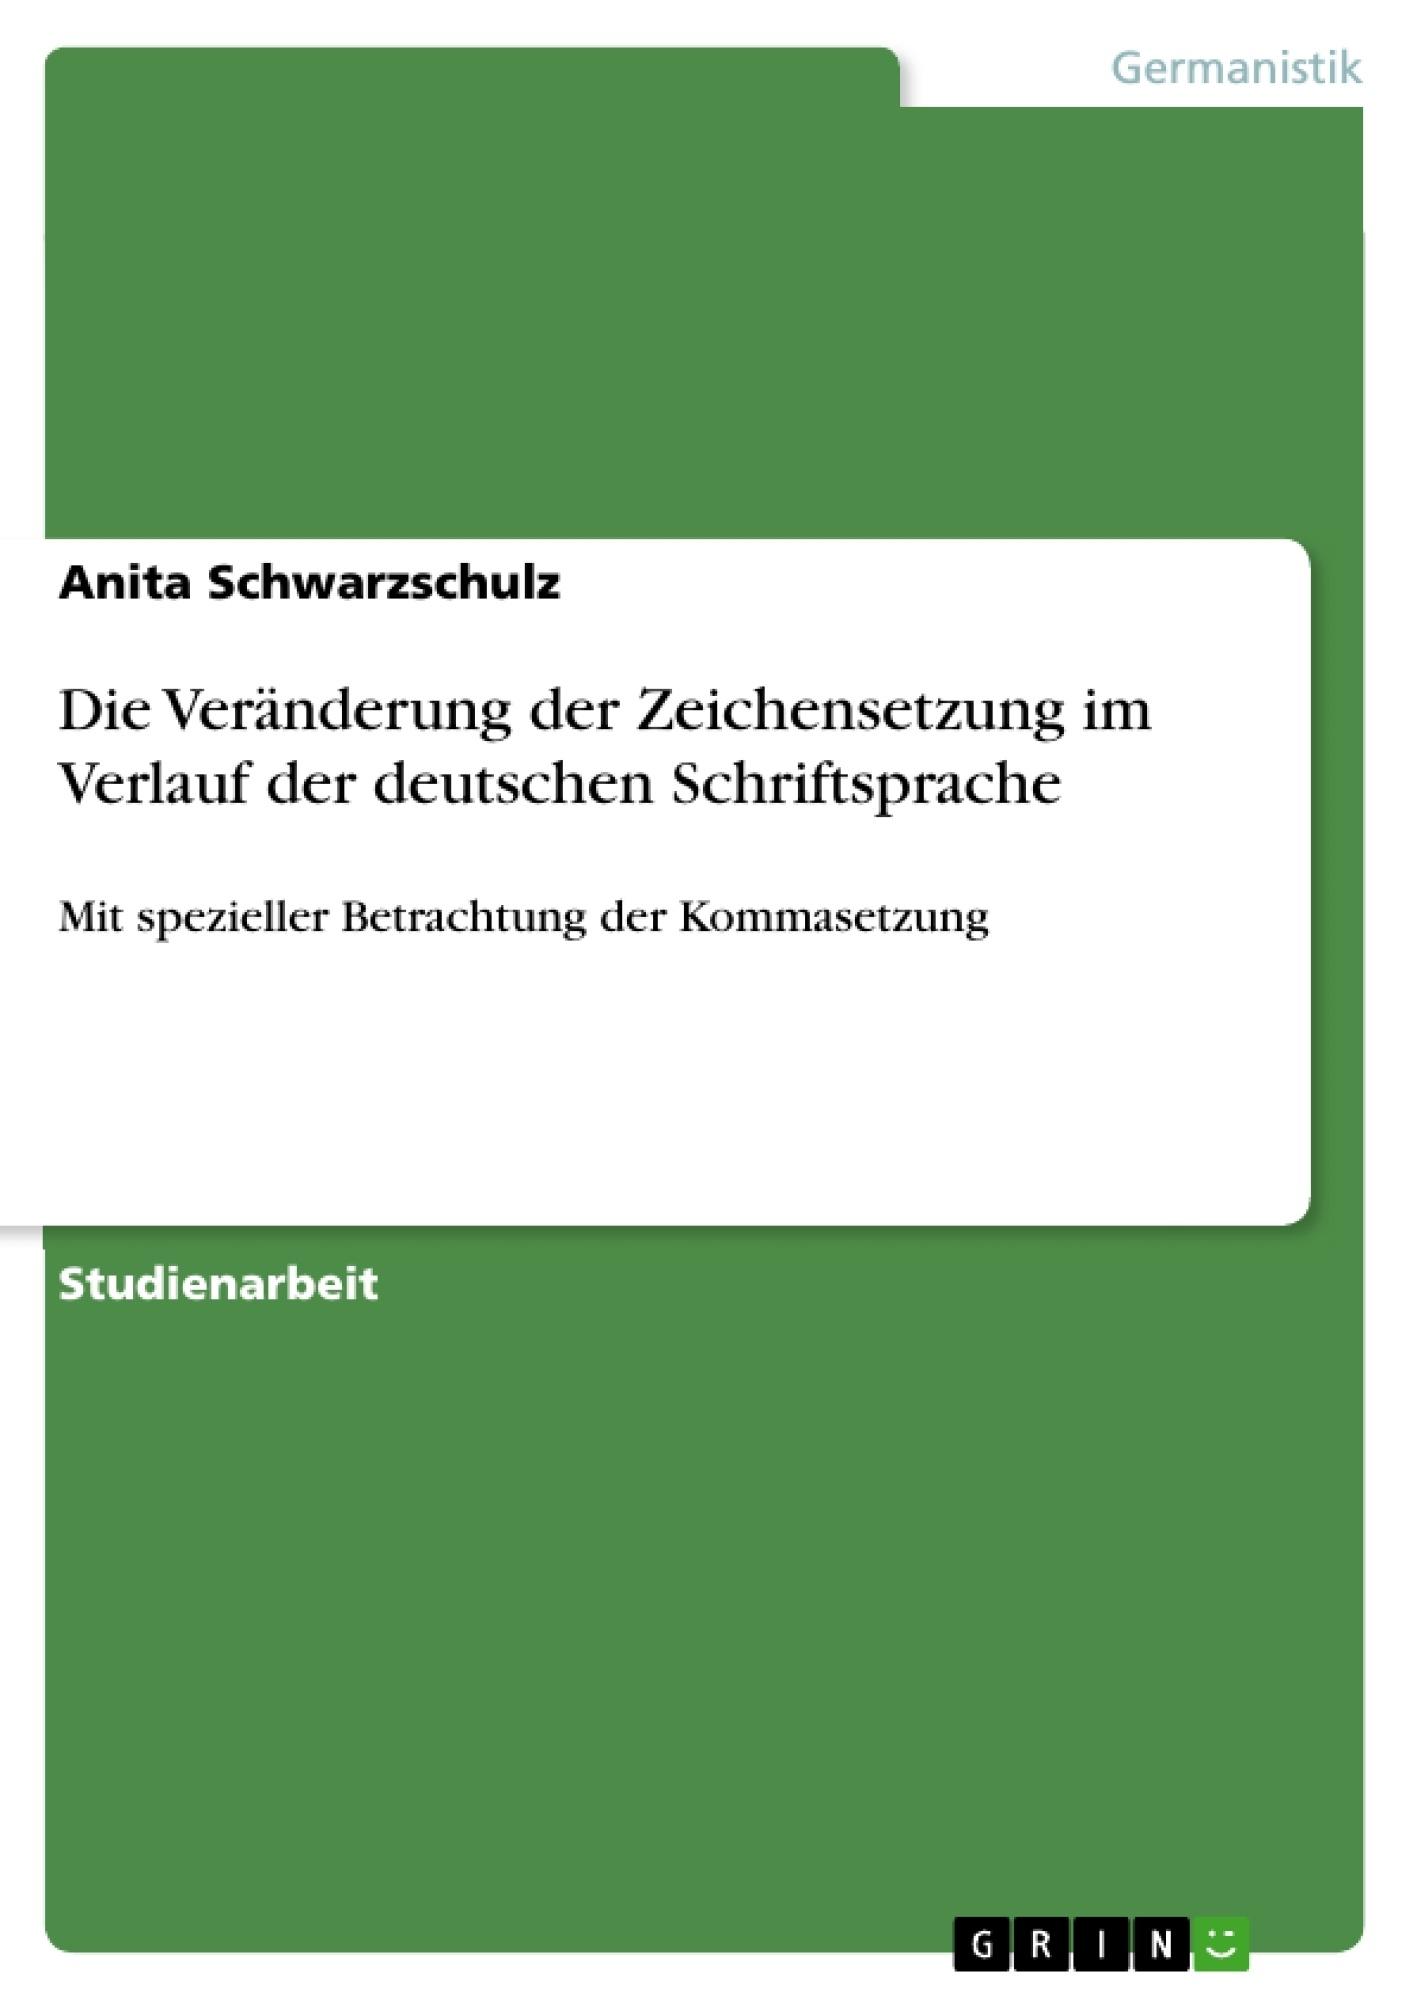 Titel: Die Veränderung der Zeichensetzung im Verlauf der deutschen Schriftsprache